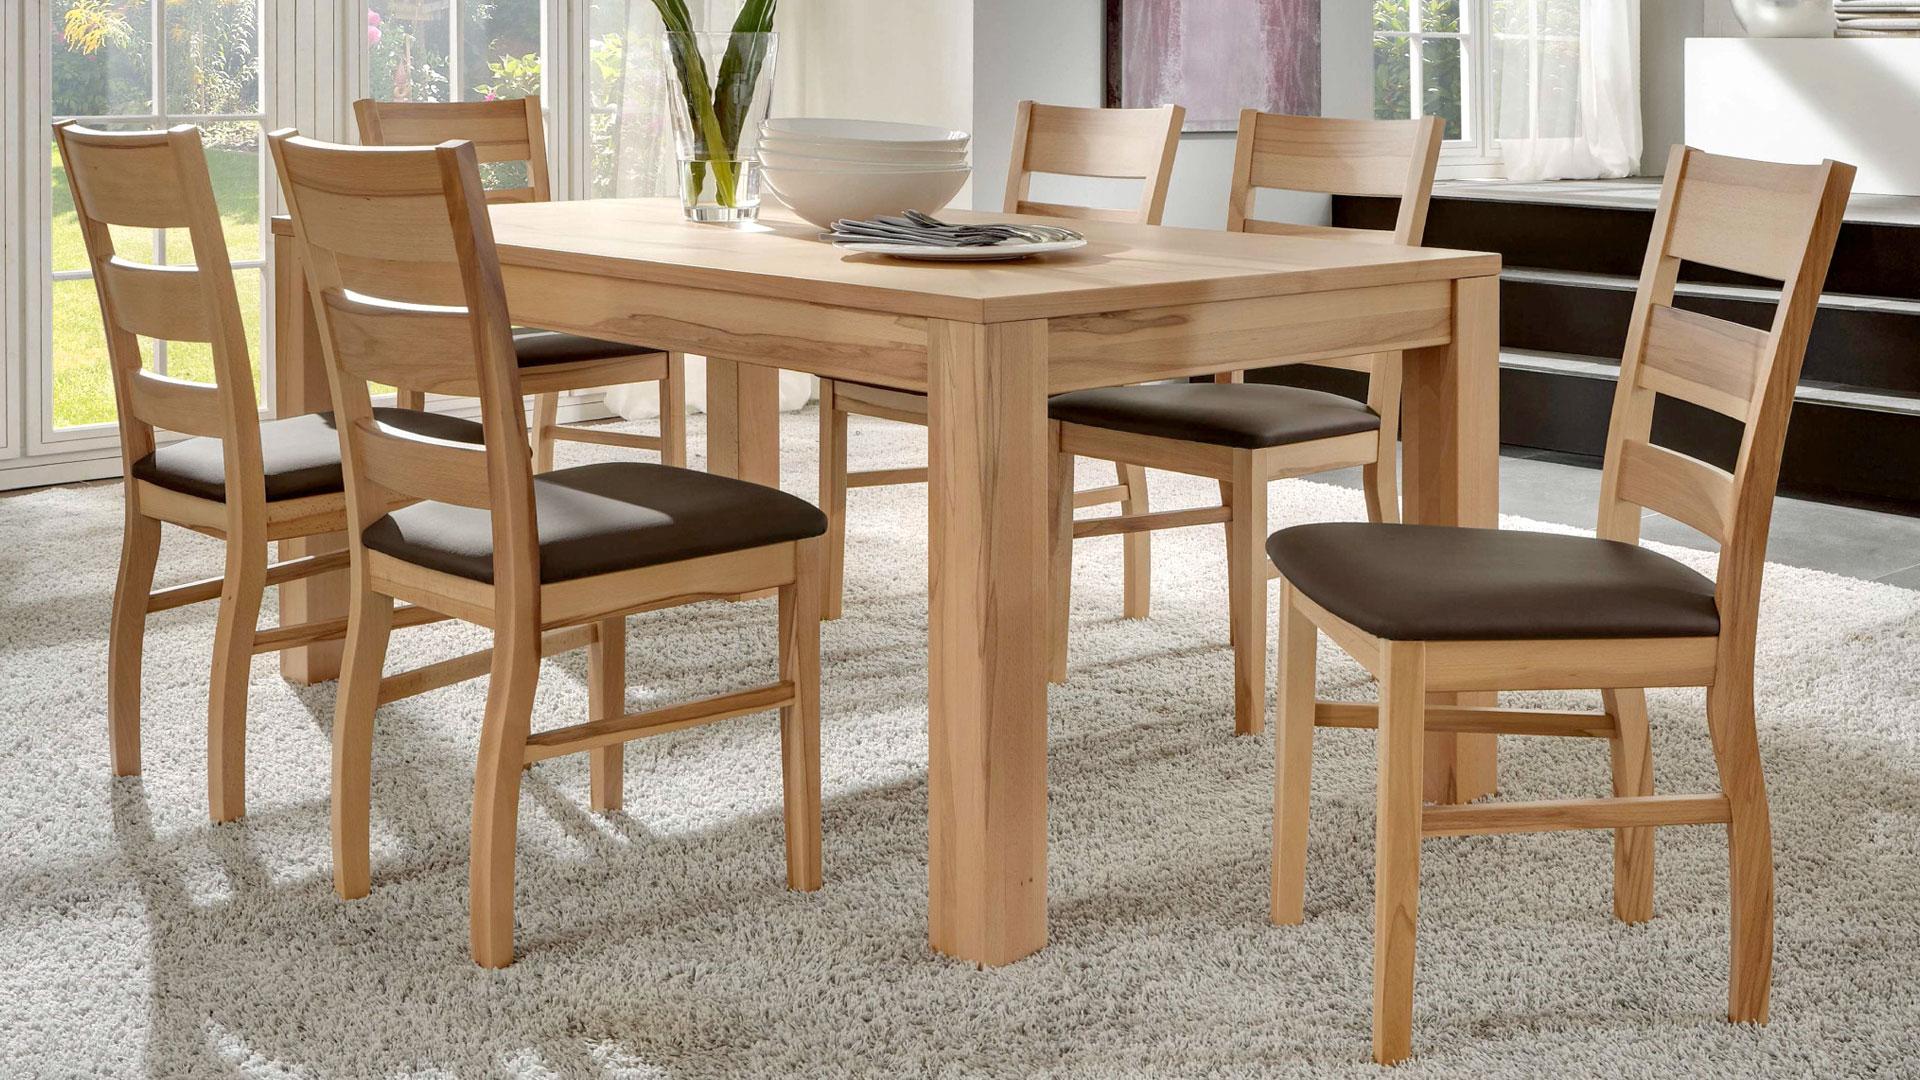 Niehoff Outdoor Küchen : Niehoff lunch collection tisch und stuhl programm